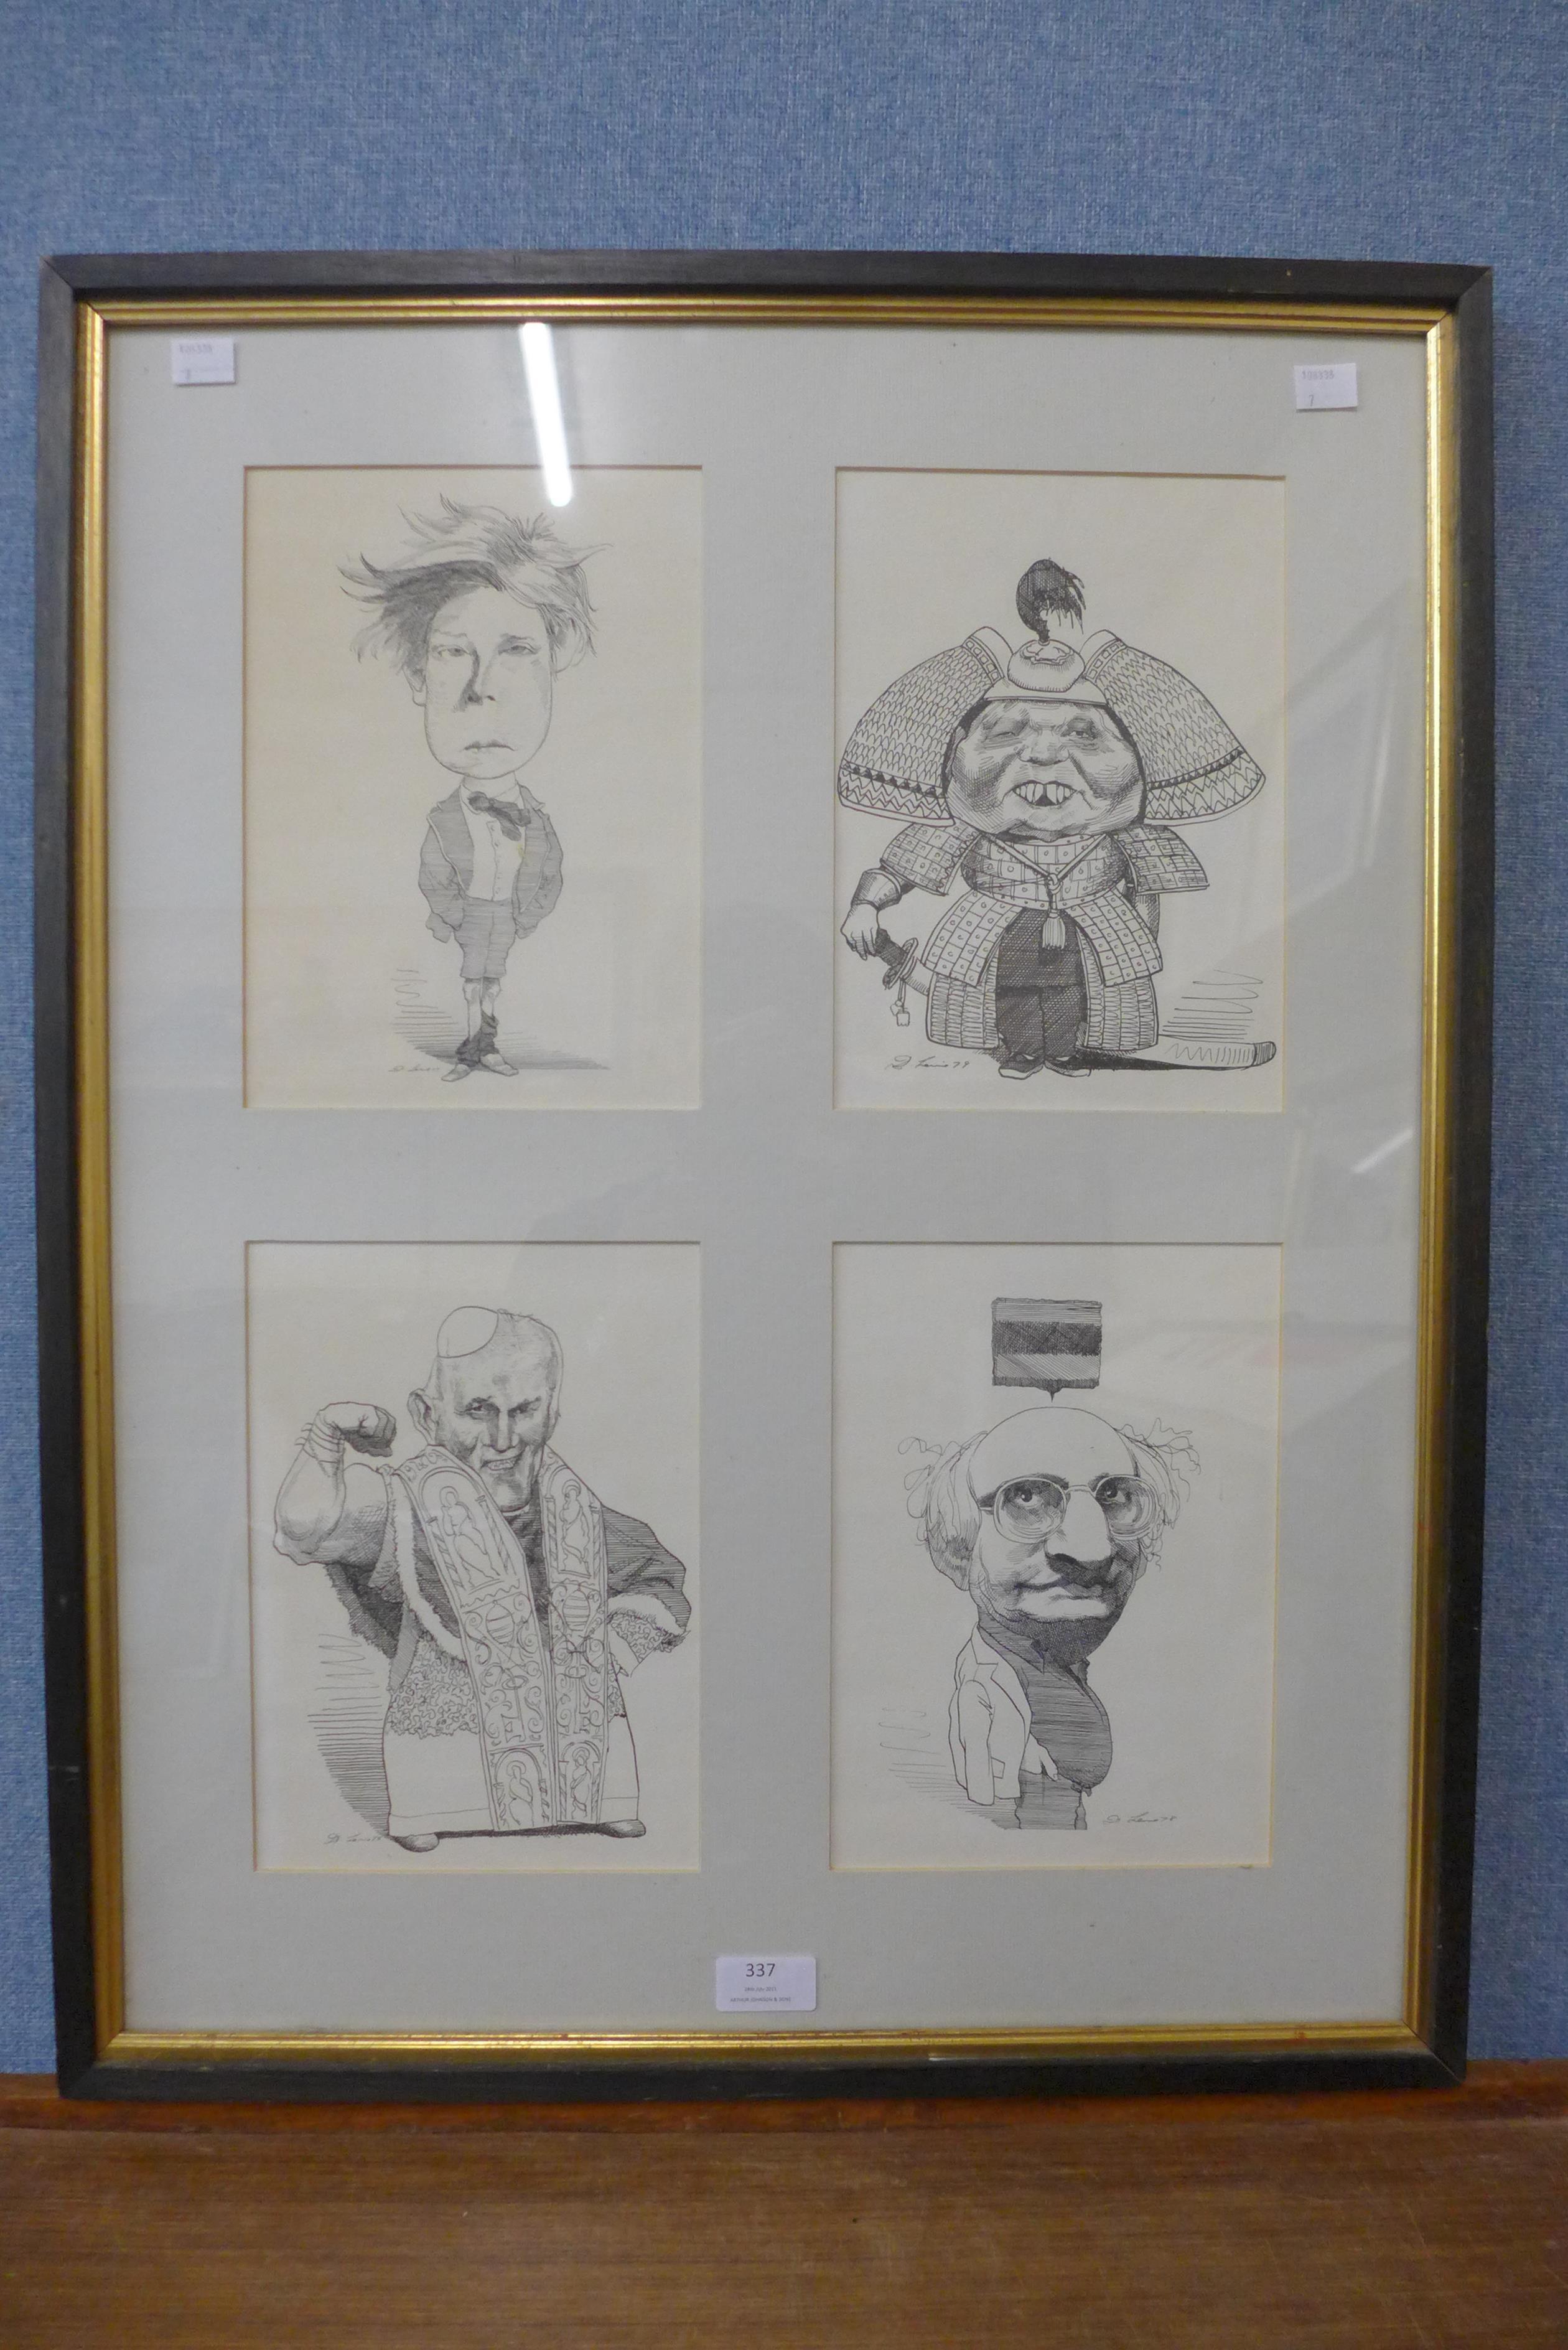 David Levine, set of four caricature prints, framed